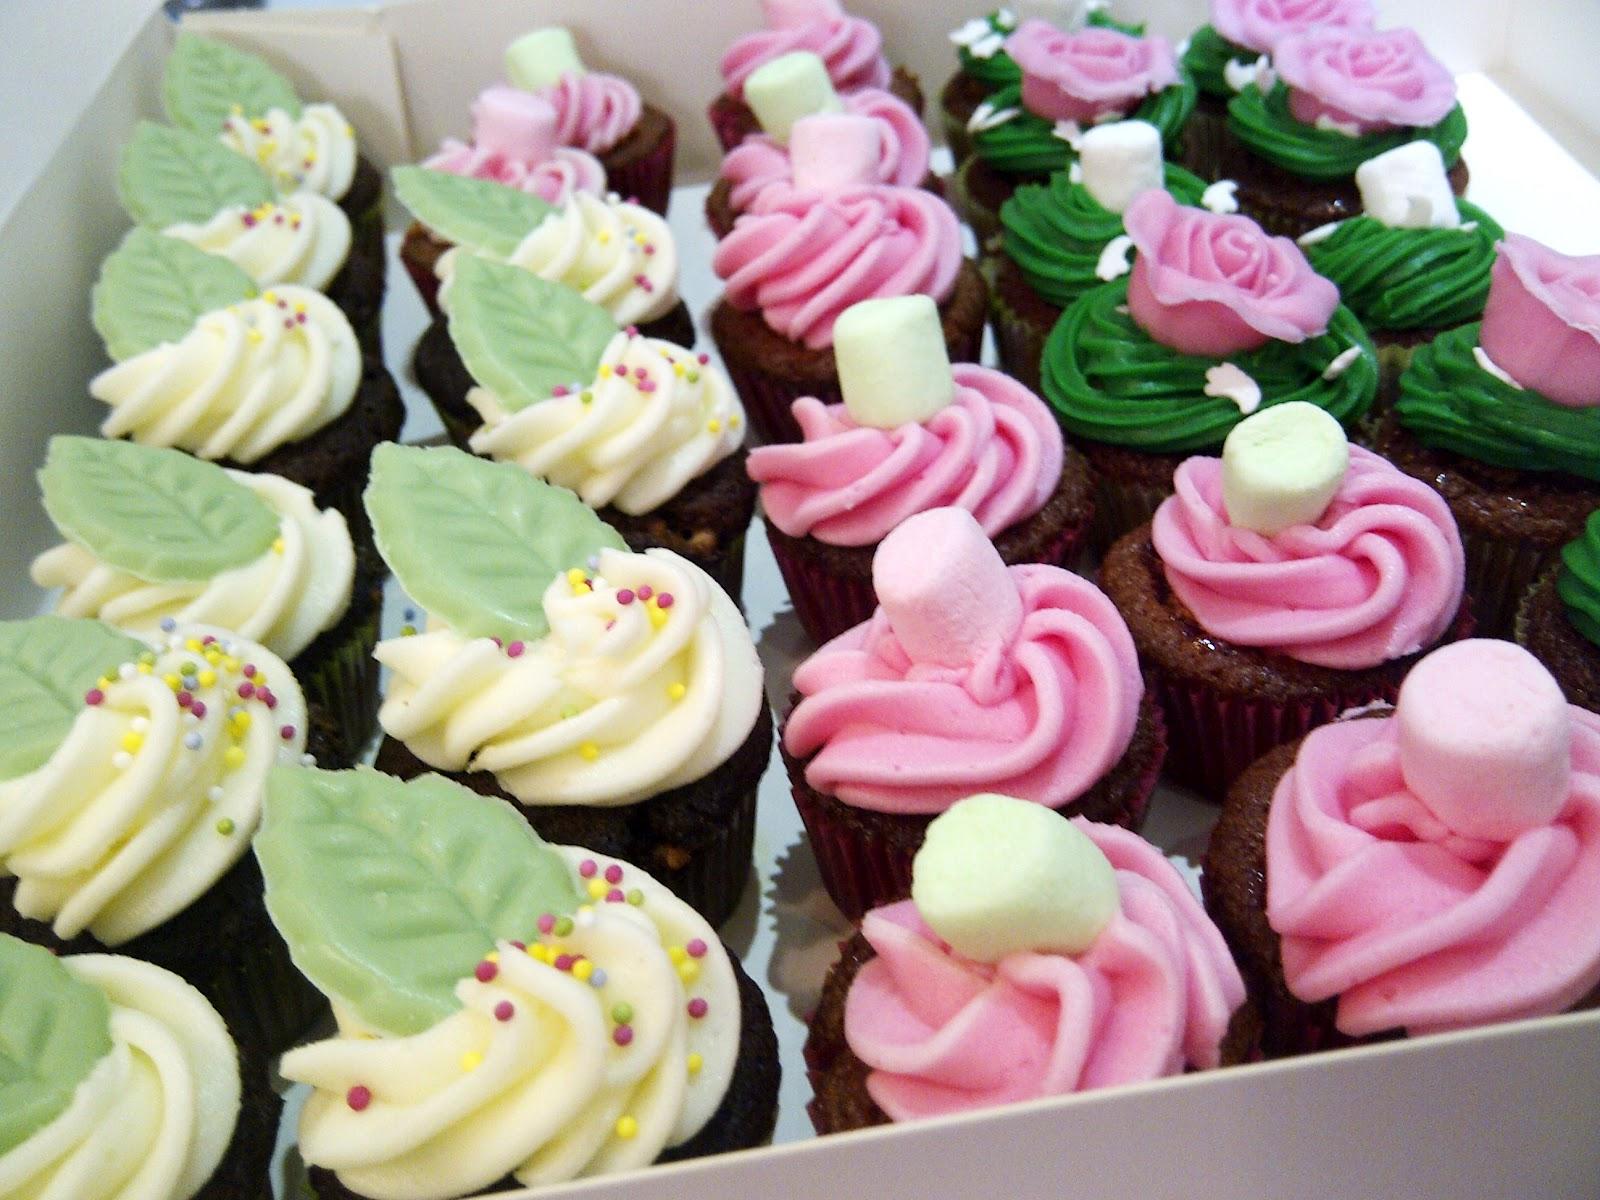 cupcakes differentes saveur avec décoration feuille verte